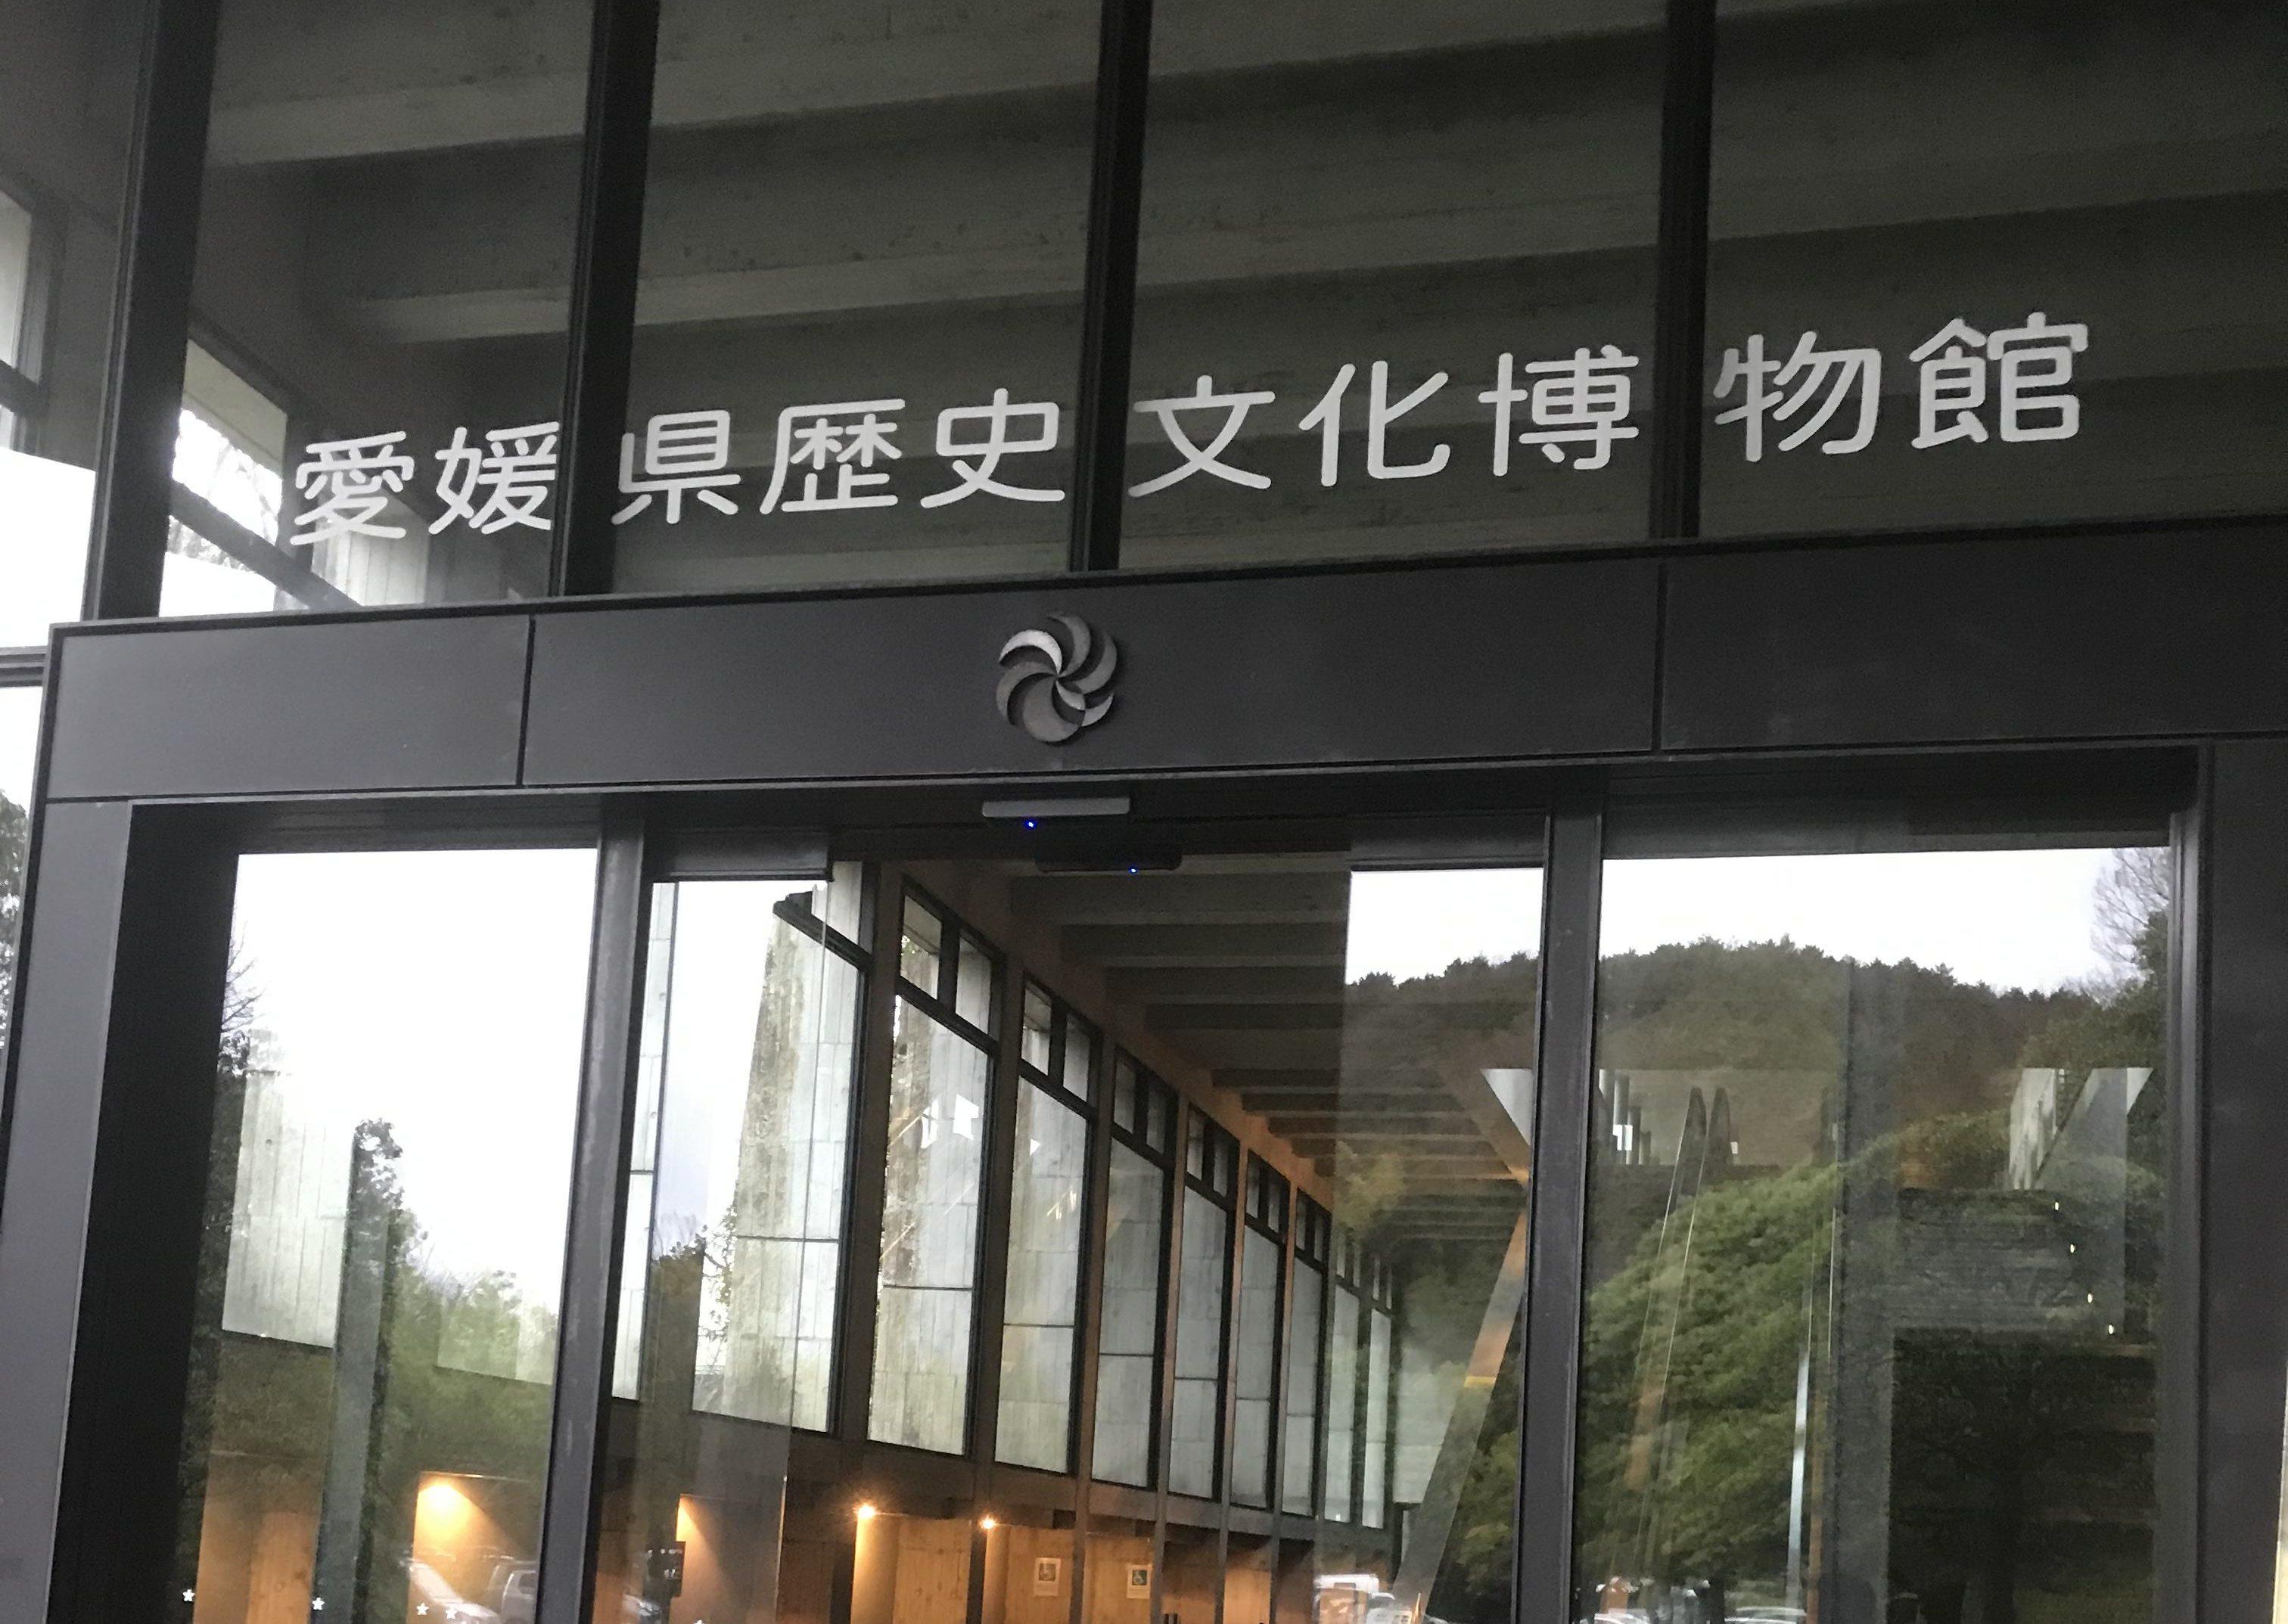 運動不足も解消!?愛媛県歴史博物館(歴博)までの歩きスポットをご紹介します!